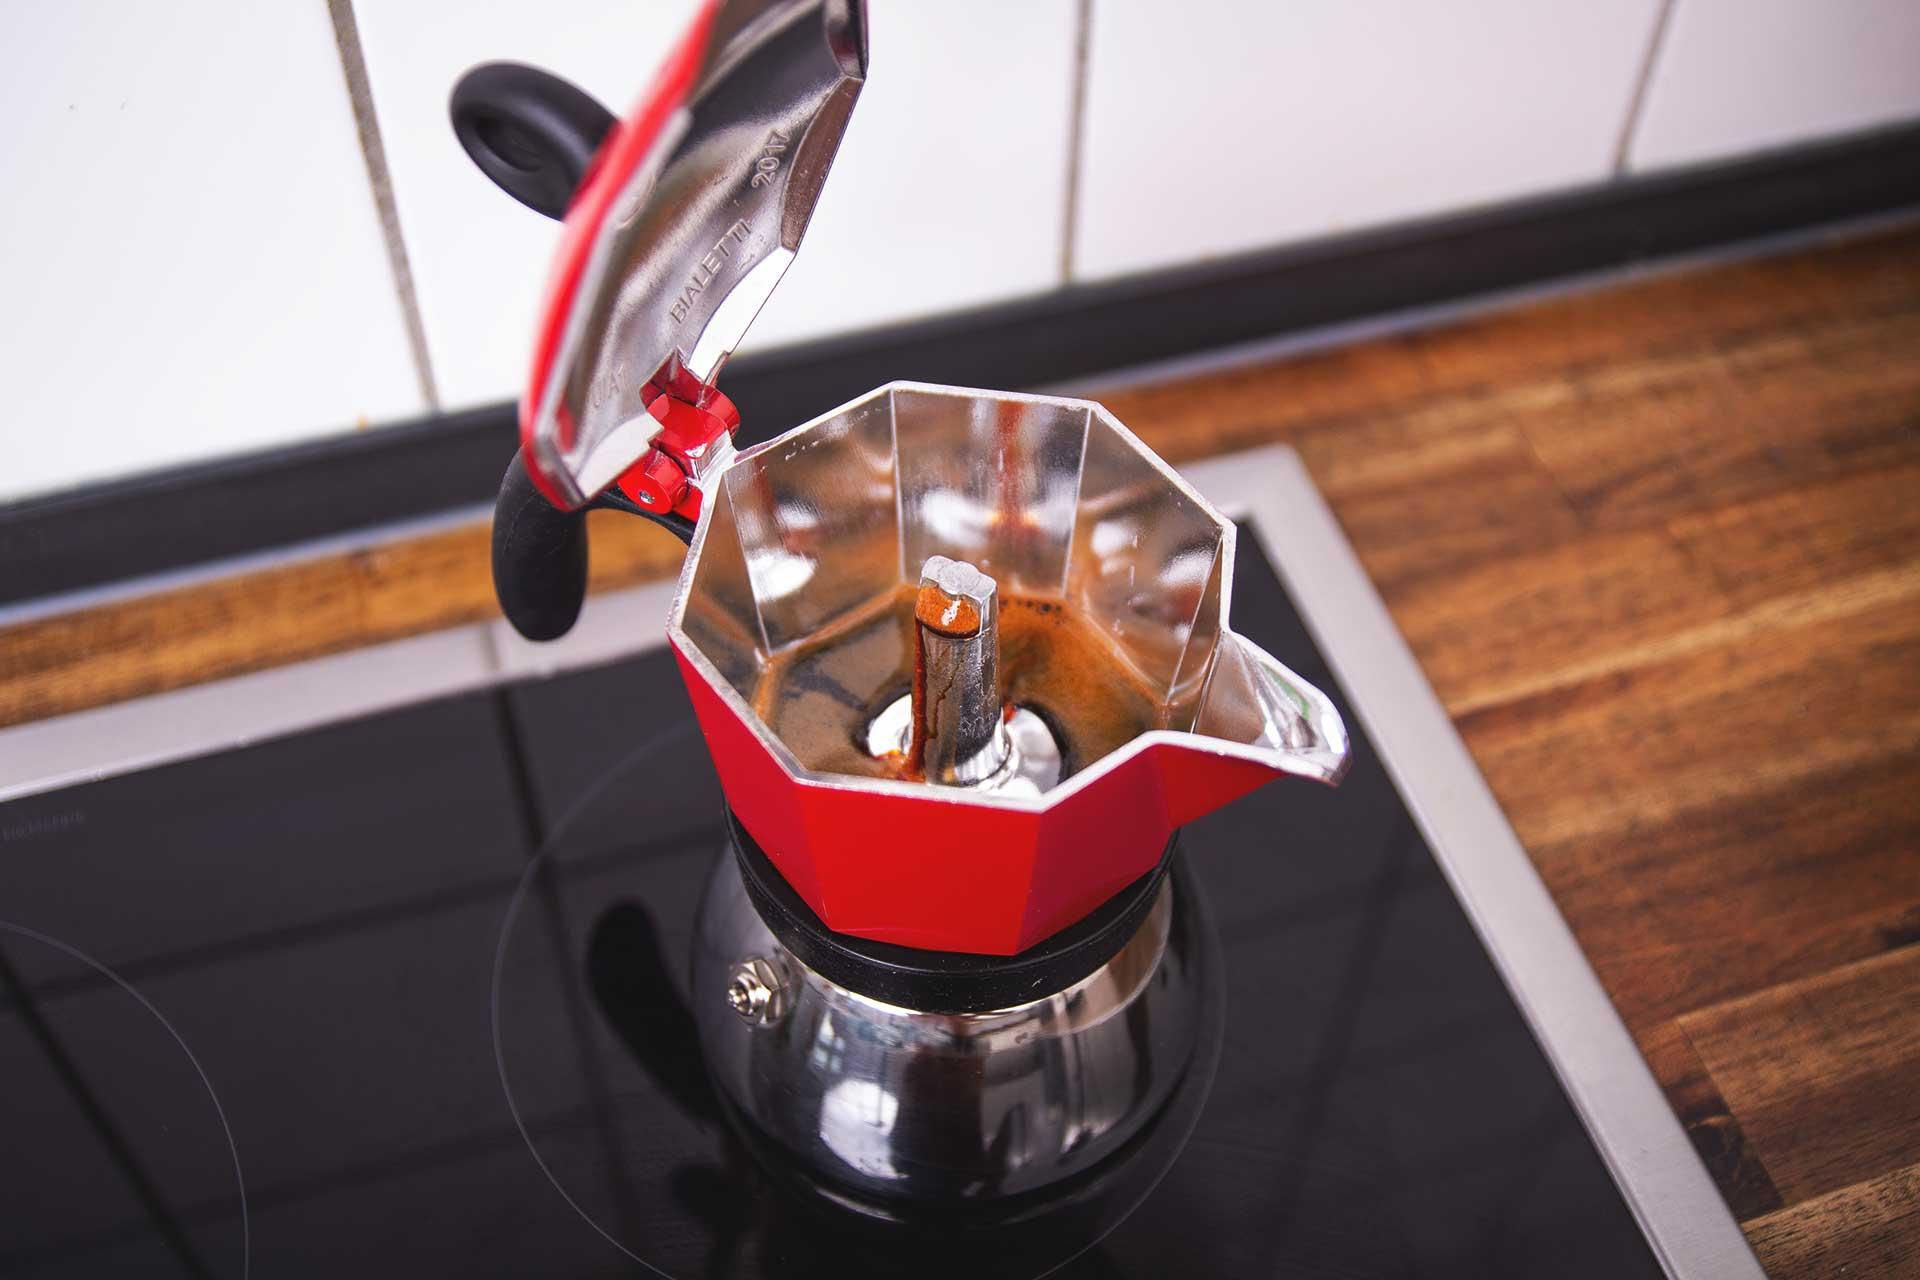 Guide: Espressozubereitung in der Siebträgermaschine. CafCaf – Kaffee & Blog, Kaffeeblog